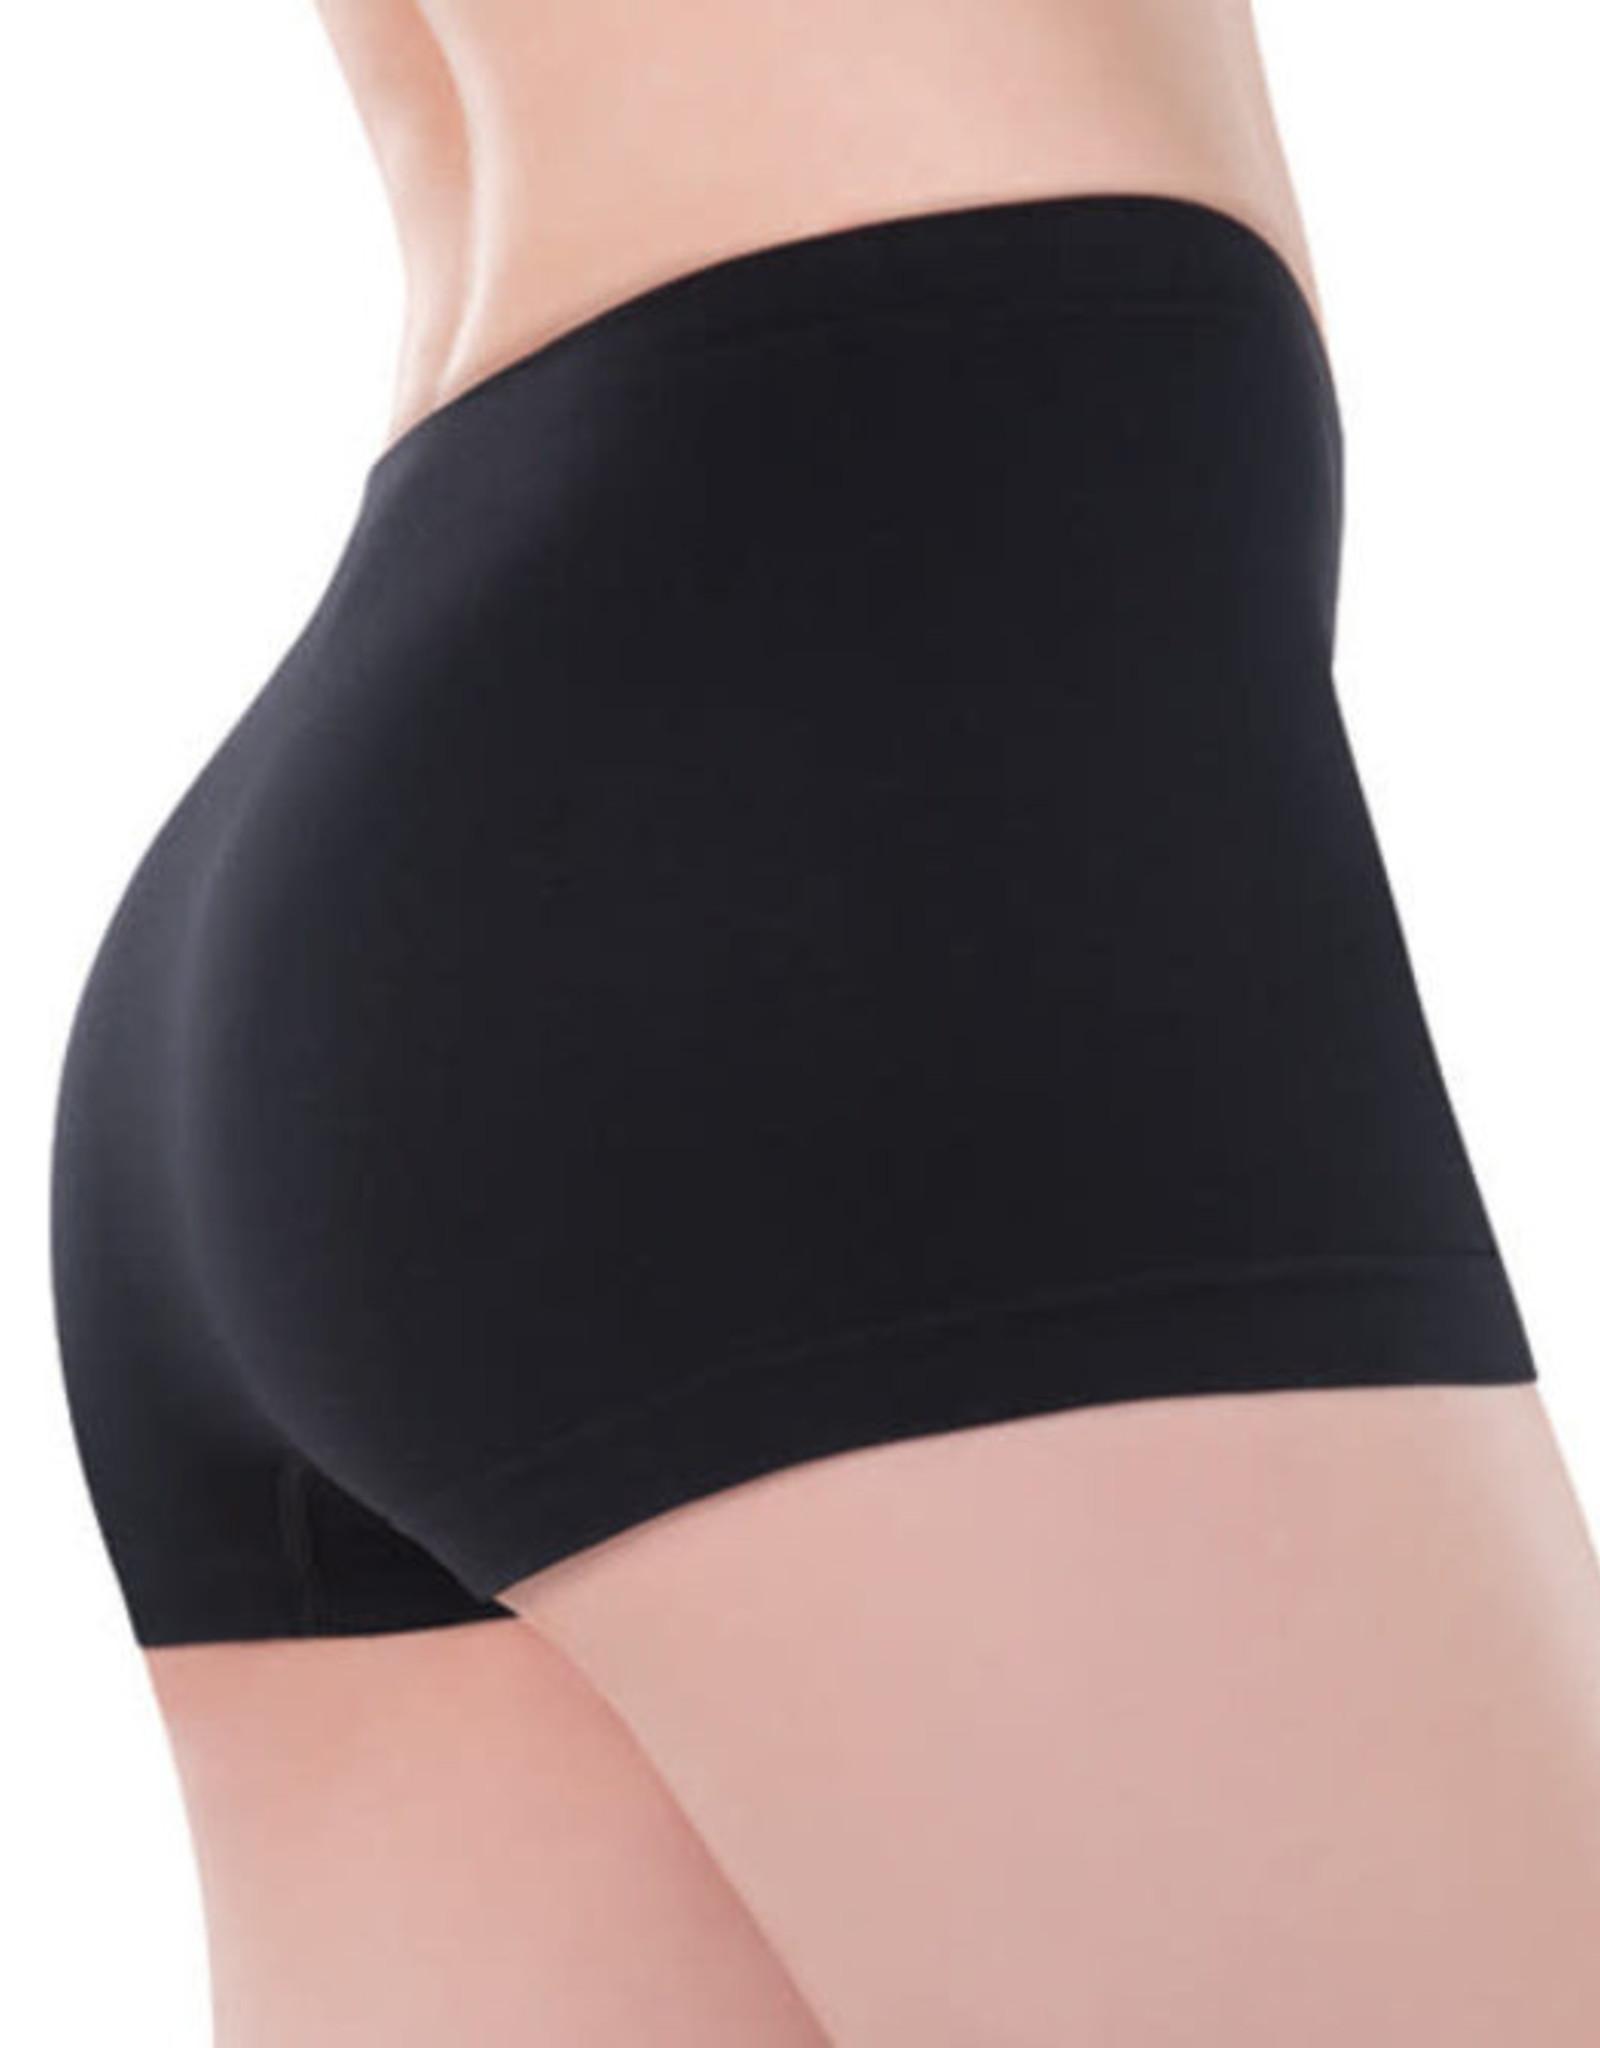 Fancy Dress Black Standard Size Boy Shorts